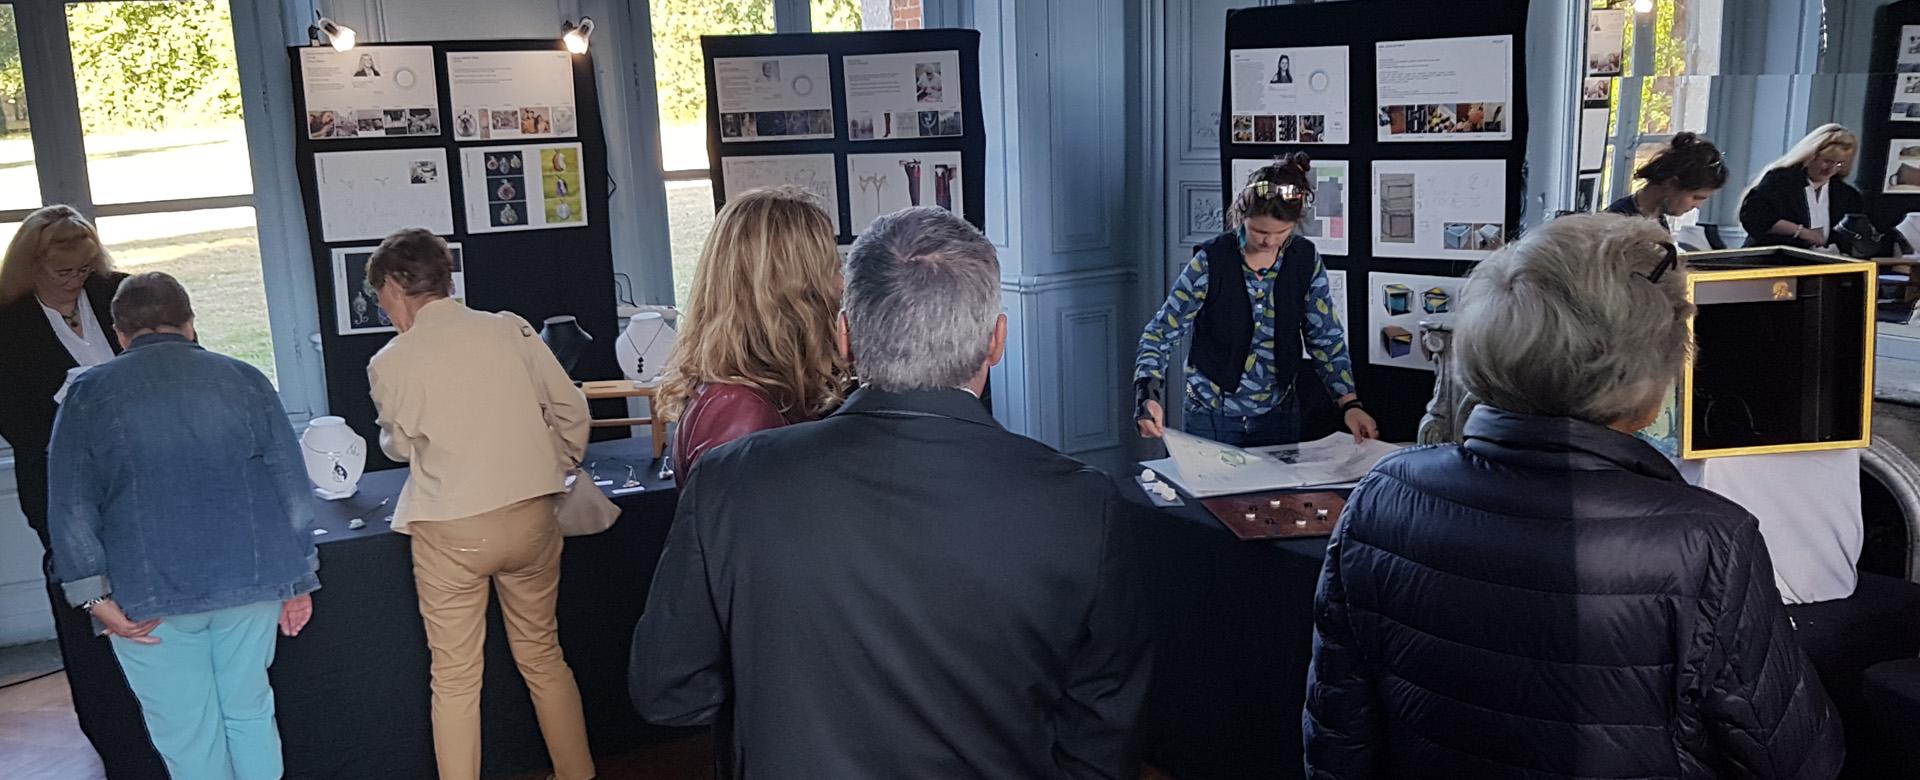 Une exposition « Design & Métiers d'art » les 19 et 20 septembre